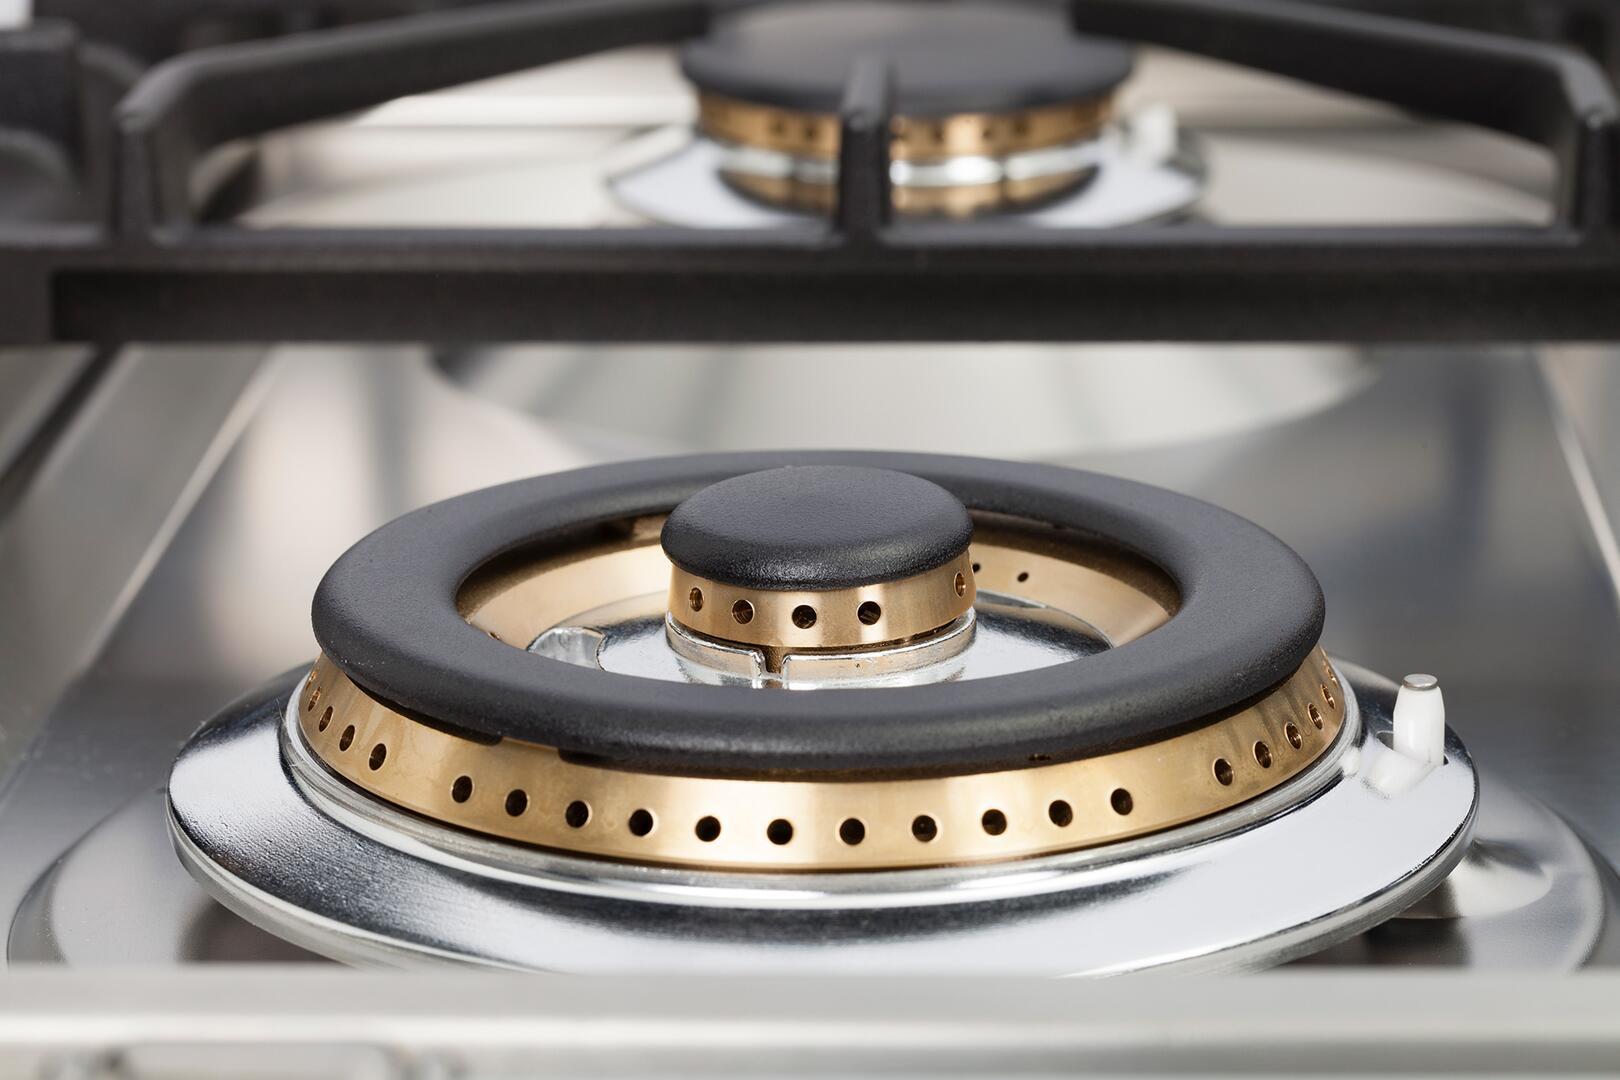 Ilve Professional Plus UPDW1006DMPN Freestanding Dual Fuel Range Black, 13